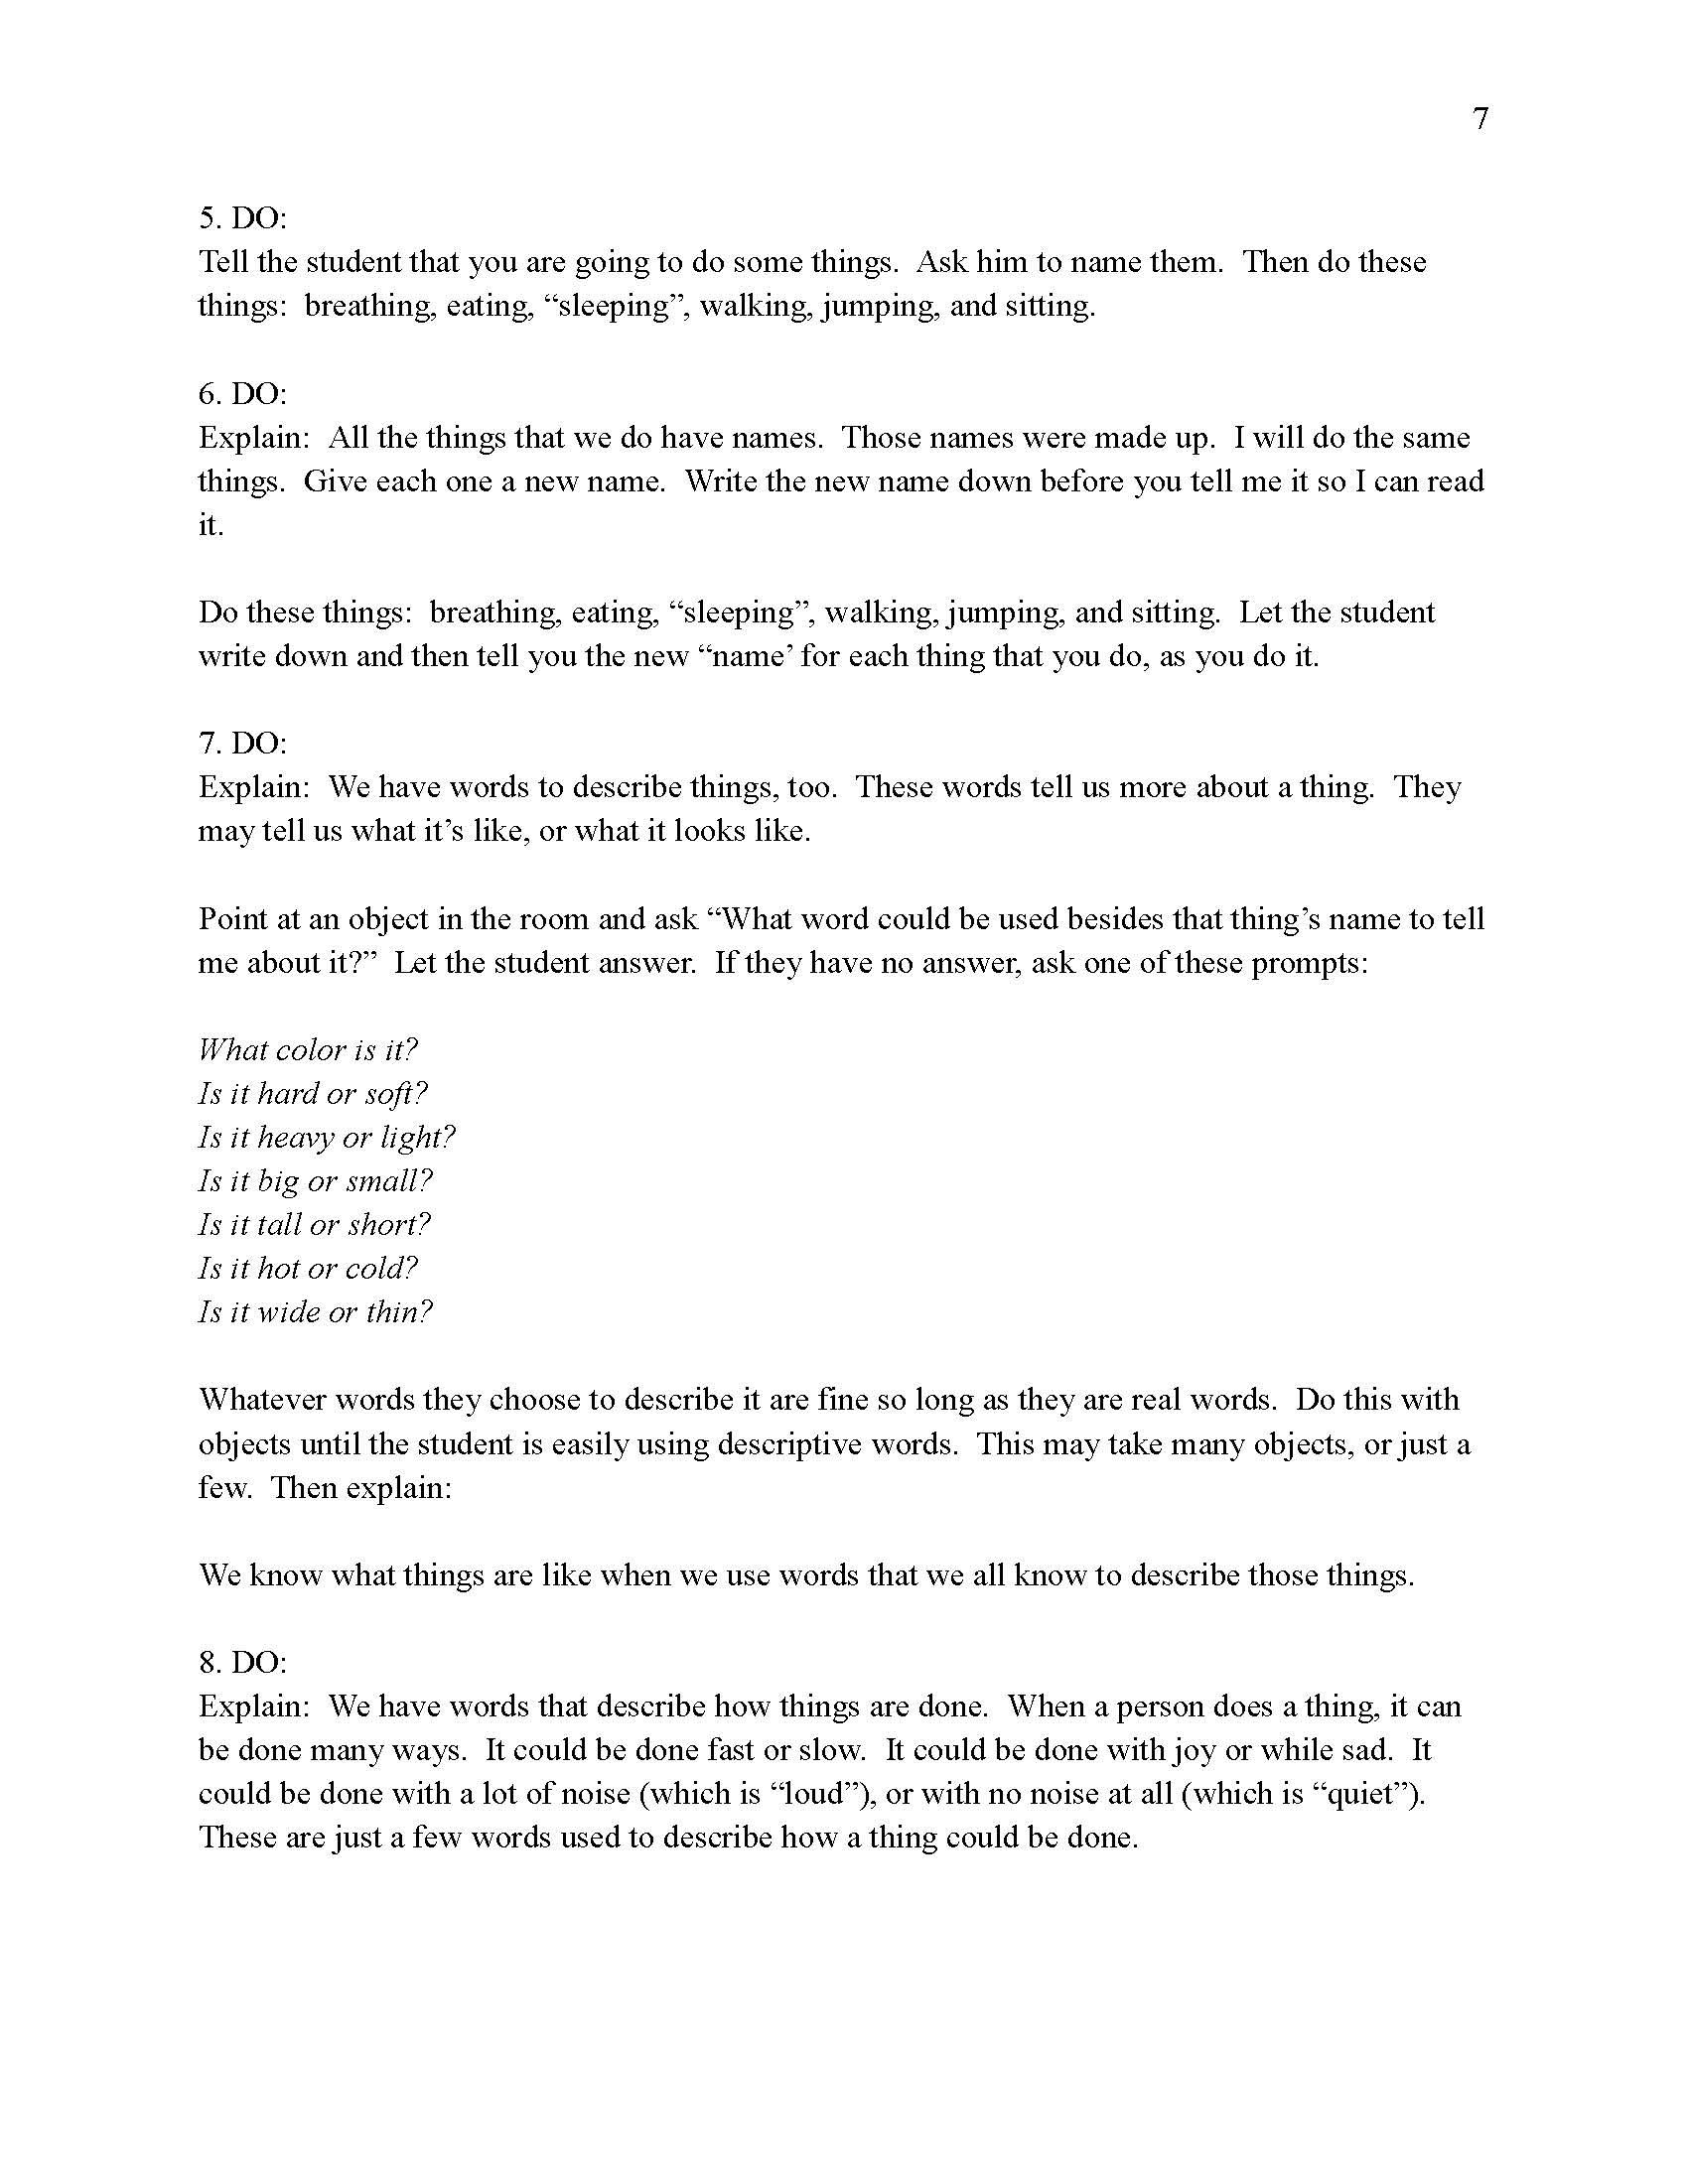 Step 1 Creative Writing 3_Page_008.jpg